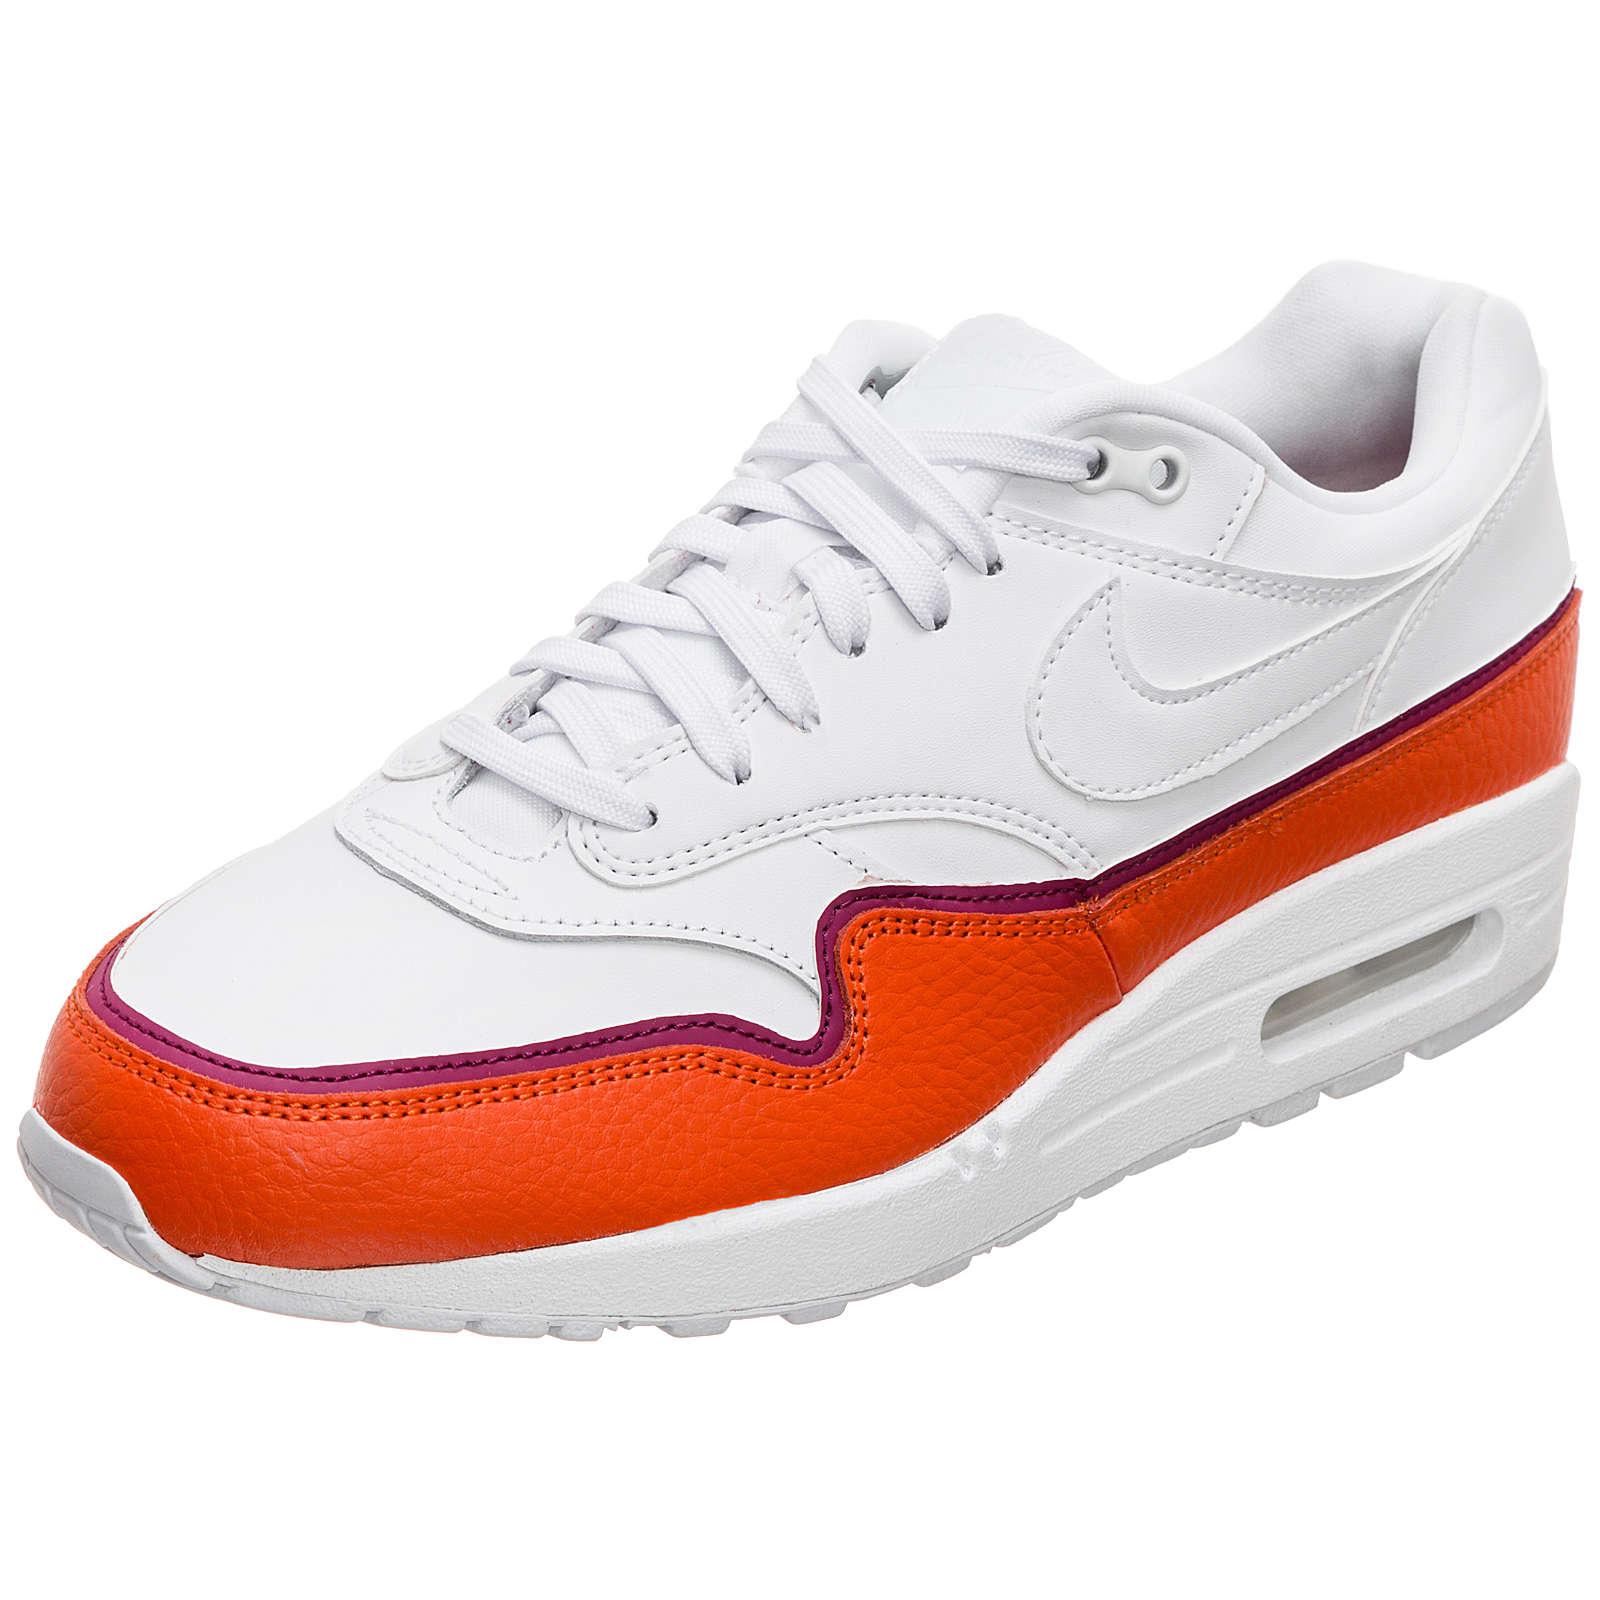 Nike Sportswear Air Max 1 SE Sneaker Damen weiß Damen Gr. 42